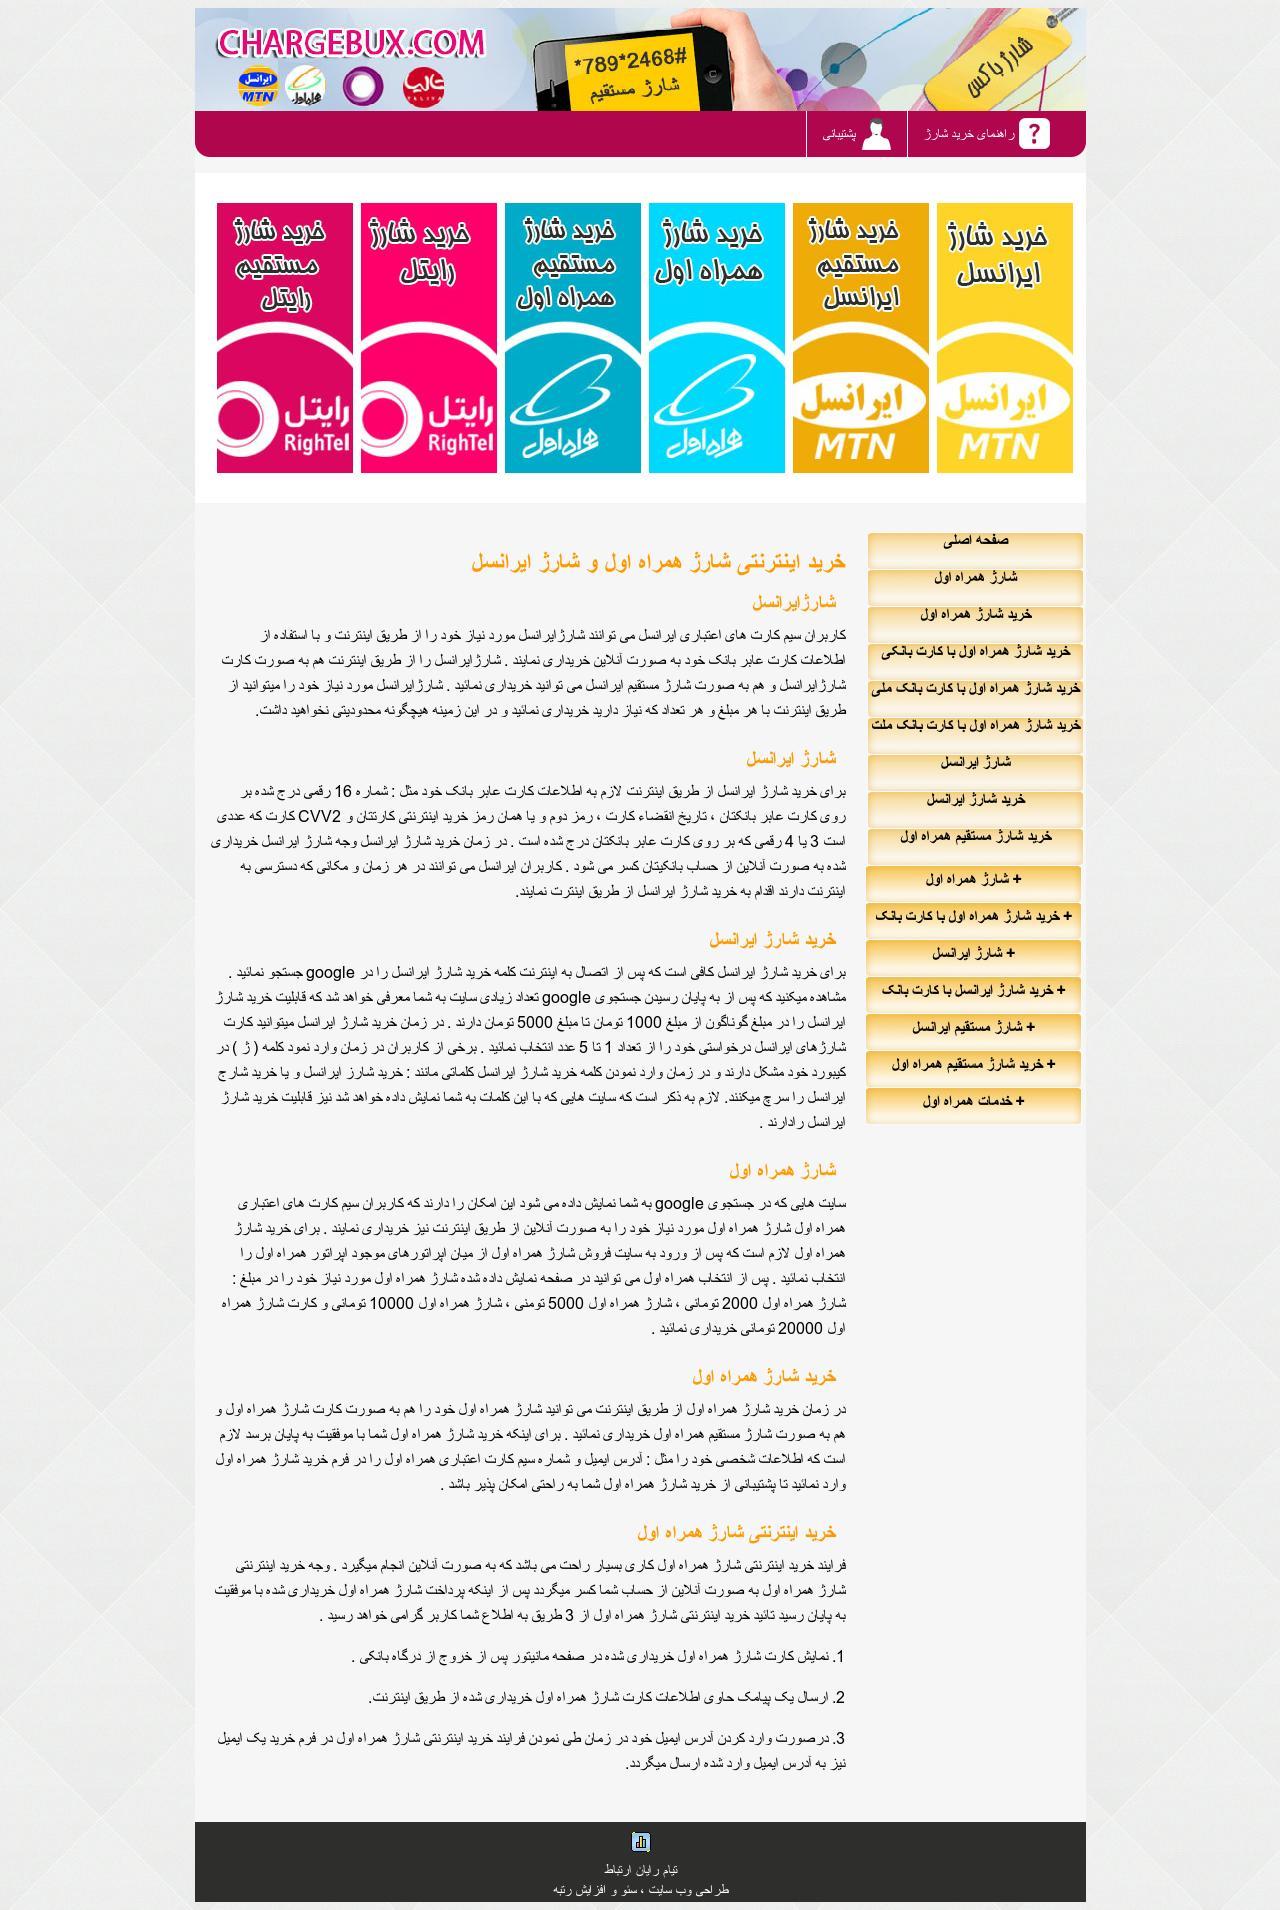 طراحی وب سایت فروشگاه شارژ باکس